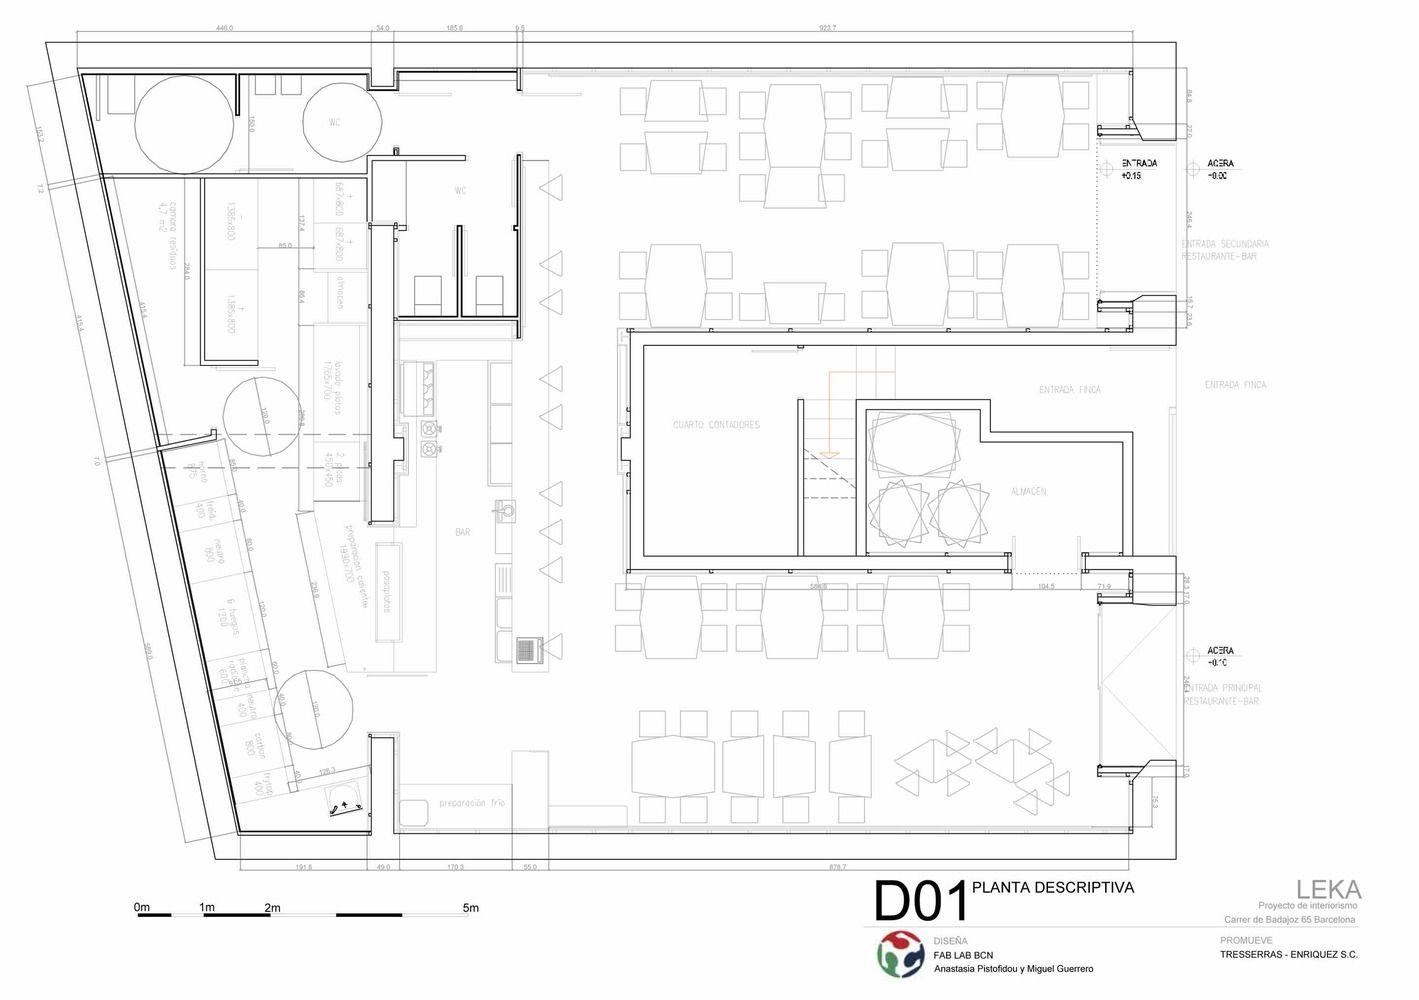 Galeria De Leka Open Source Restaurant Iaac Fab Lab Barcelona 17 Cafe Floor Plan Restaurant Architecture Floor Plan Design